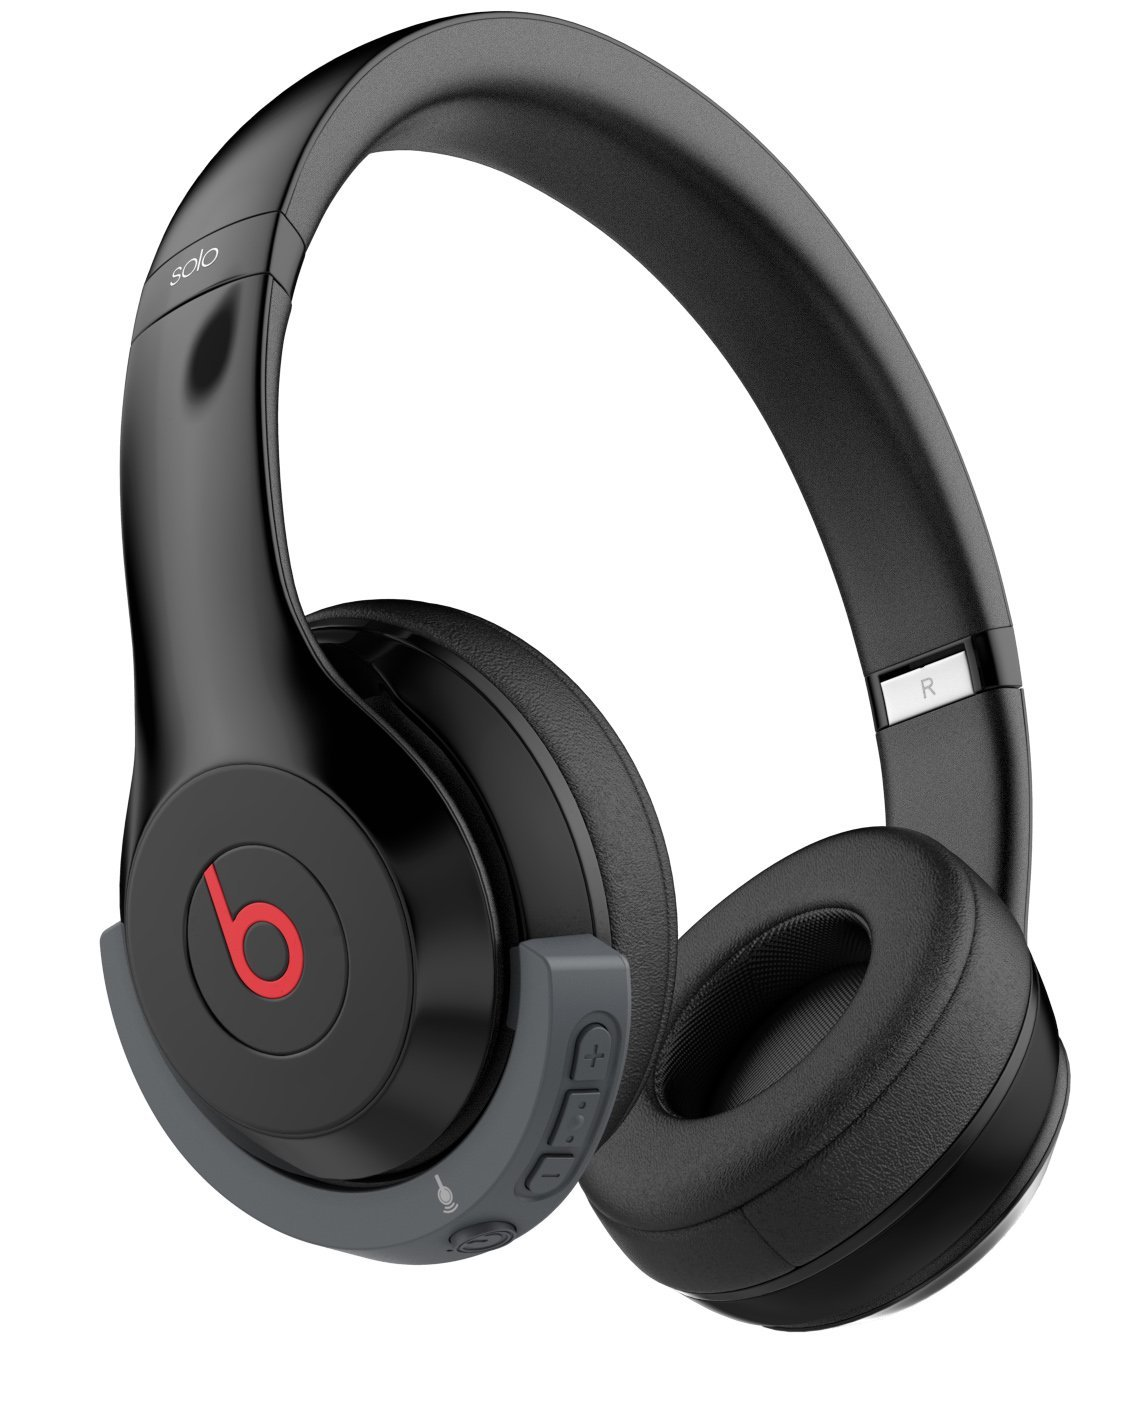 AirMod Wireless Bluetooth Adapter for Beats Solo 2 Headphones ... a0470b9963d1